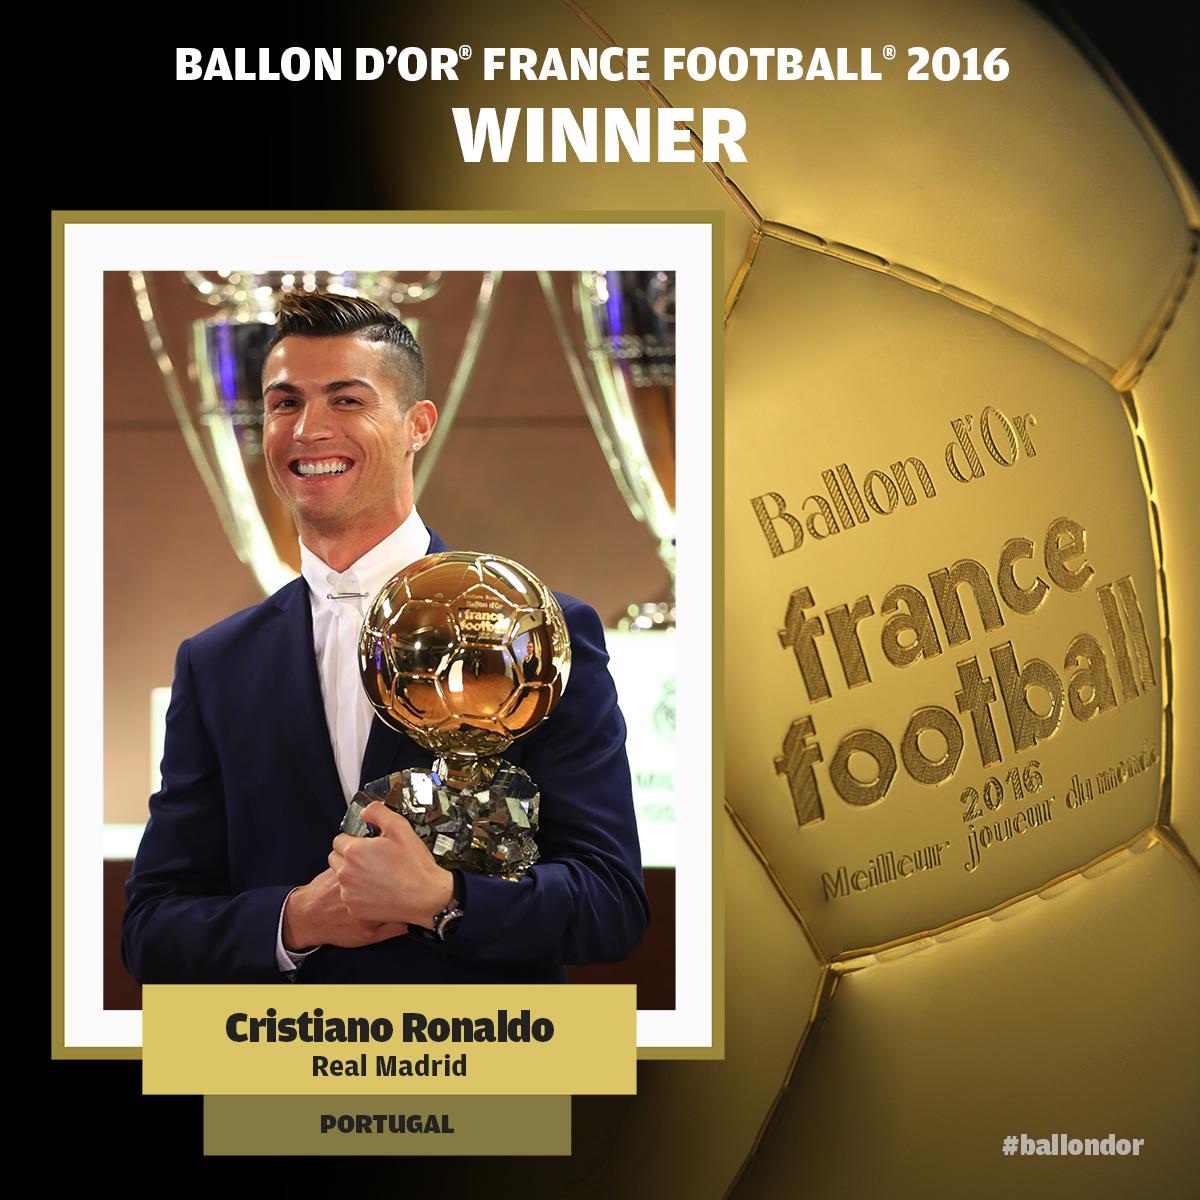 Parabéns CRISTIANO RONALDO pela conquista do Ballon d'Or France Football 2016 !  #ballondor